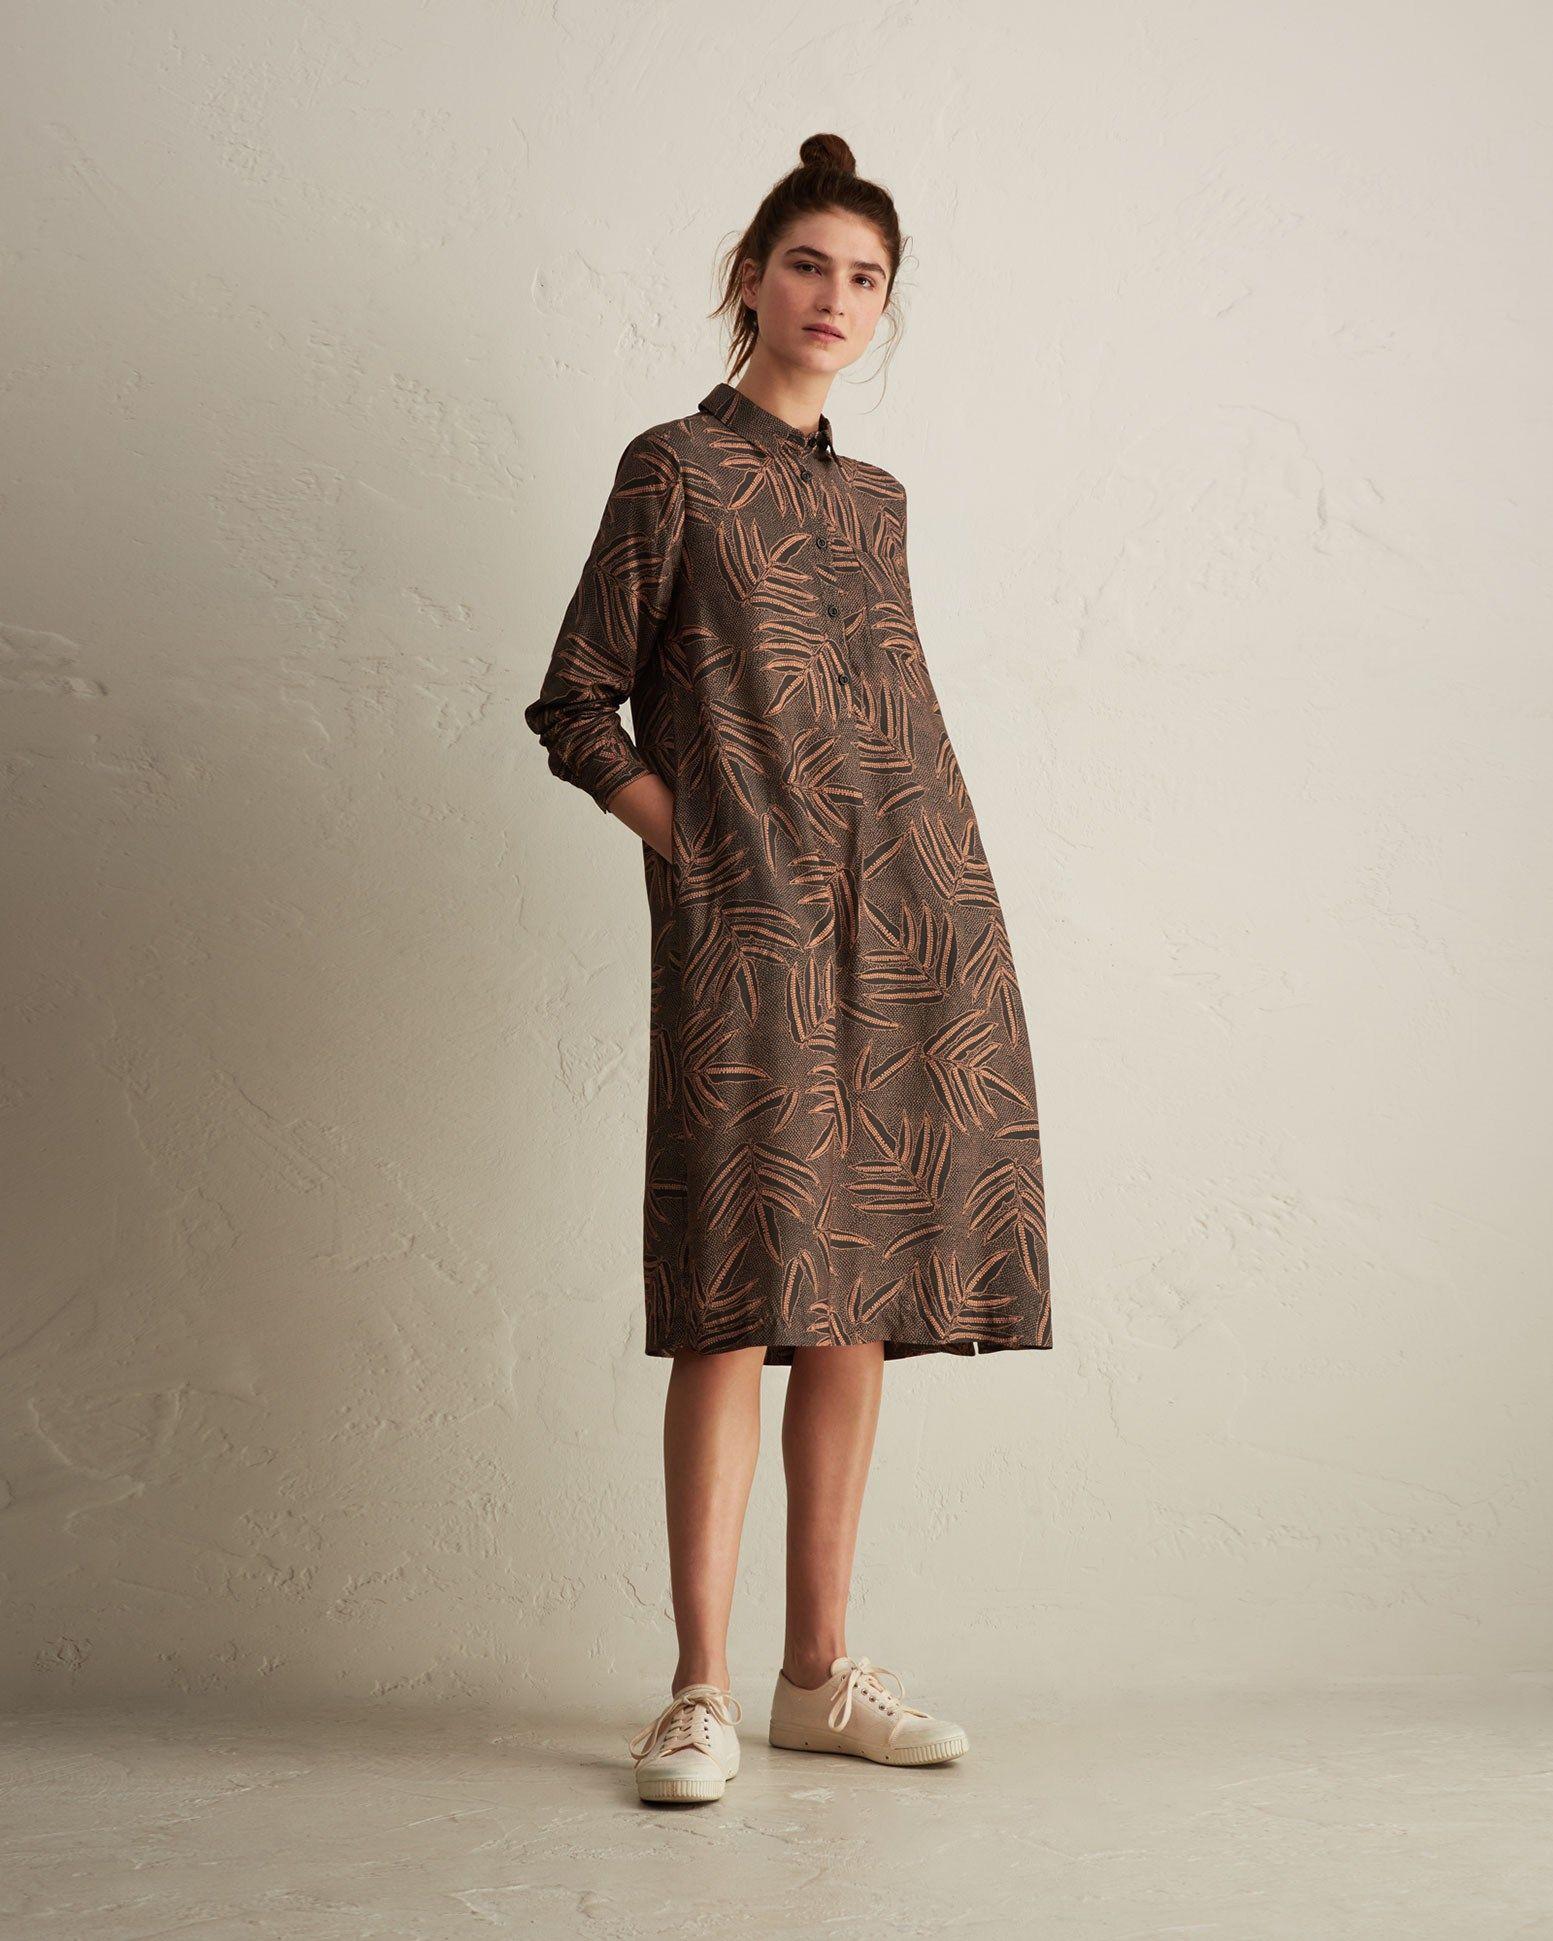 Women's Dresses | Midi Dresses, Shirt Dresses